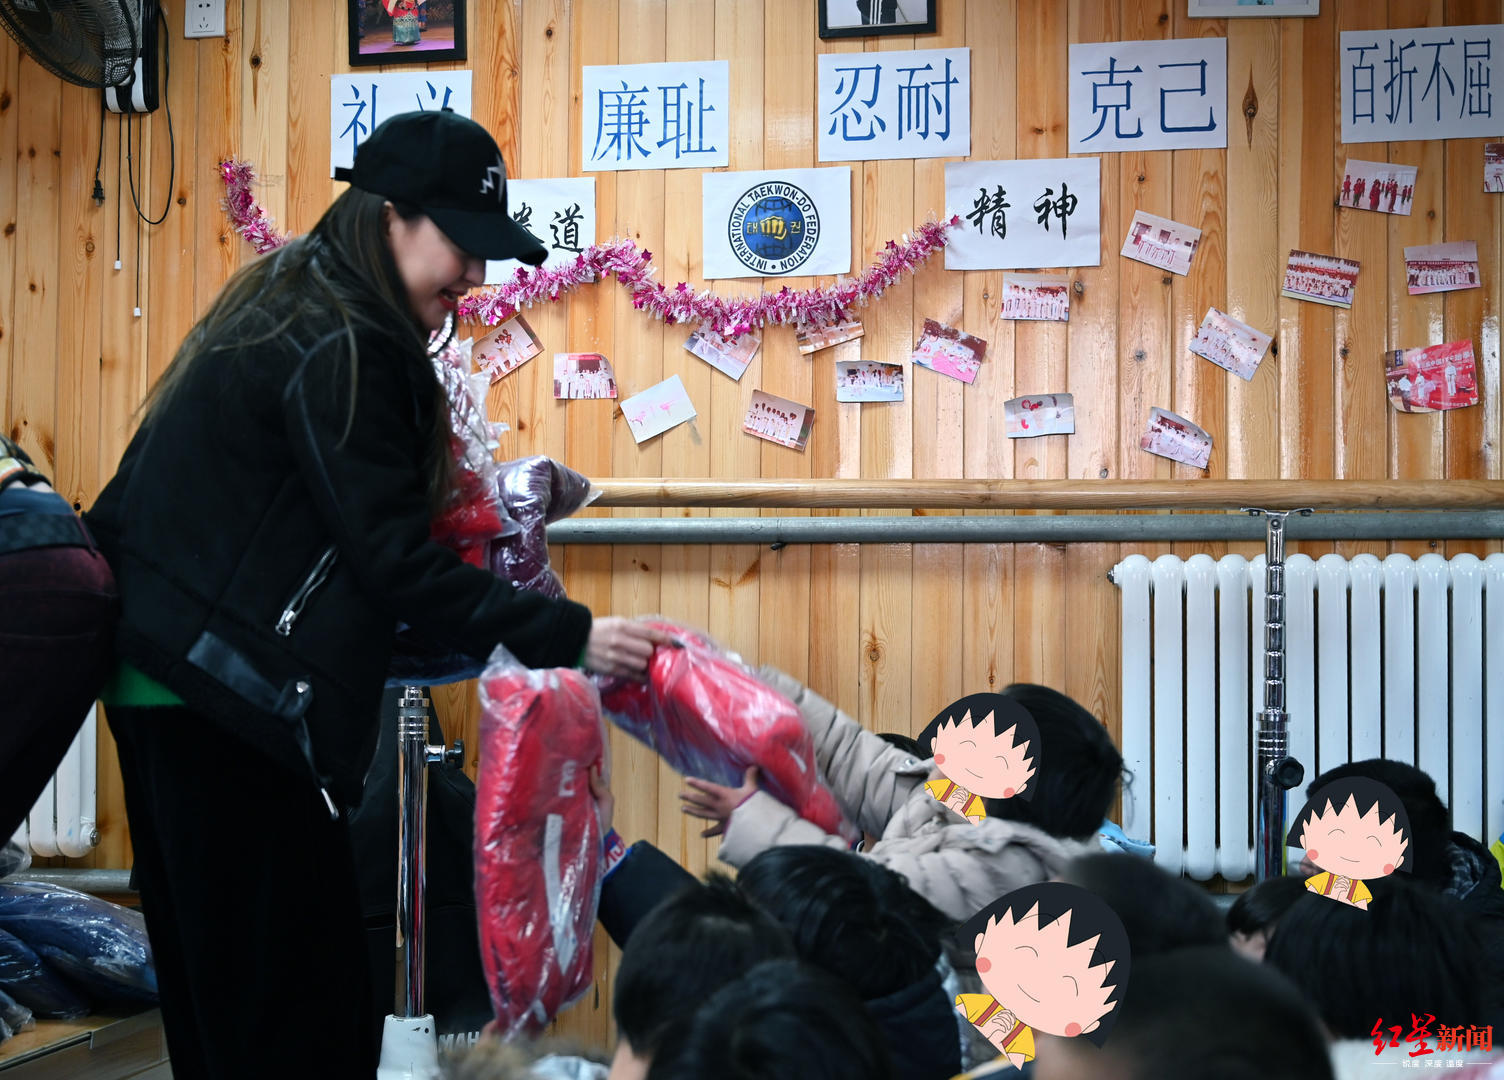 郭美美向孤兒院捐書捐物,對孩子們說:未來有溫暖也有希望